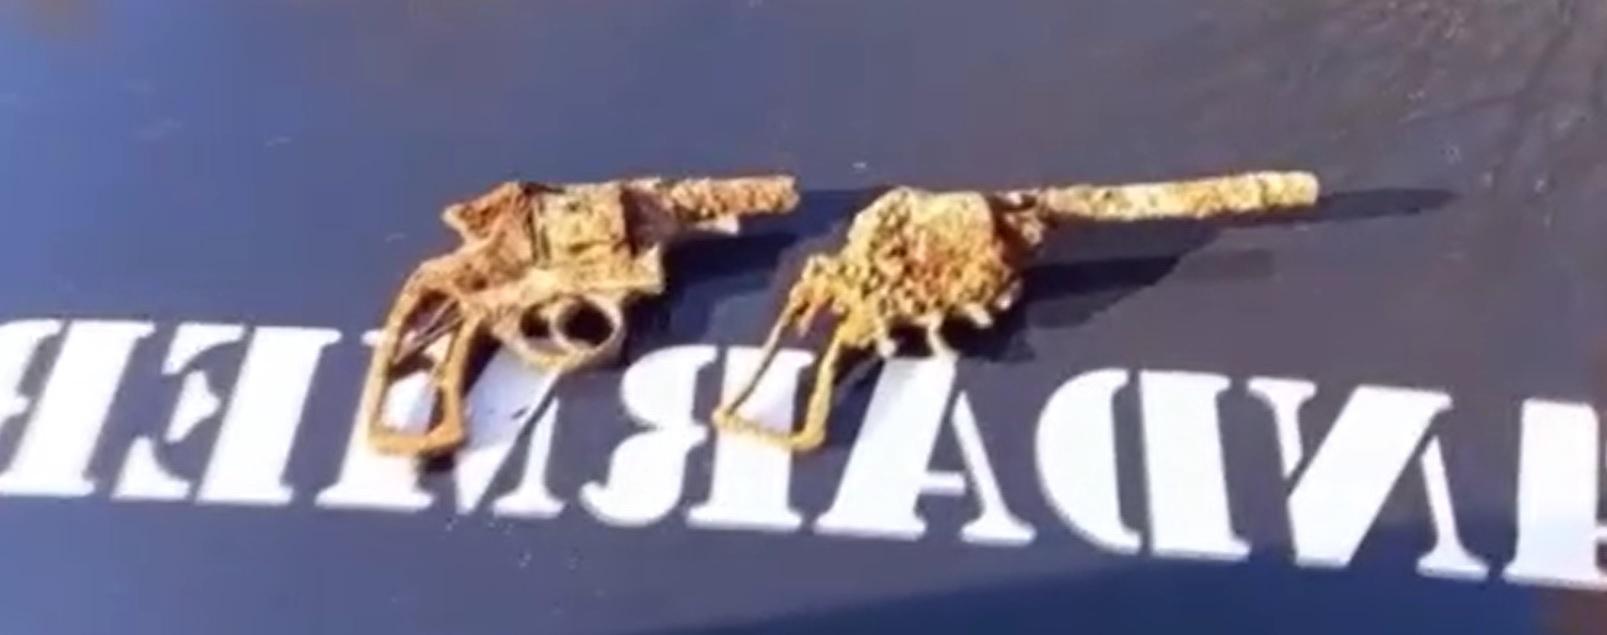 Două revolvere, descoperite de un jandarm din Bacău în timp ce lucra în grădina casei